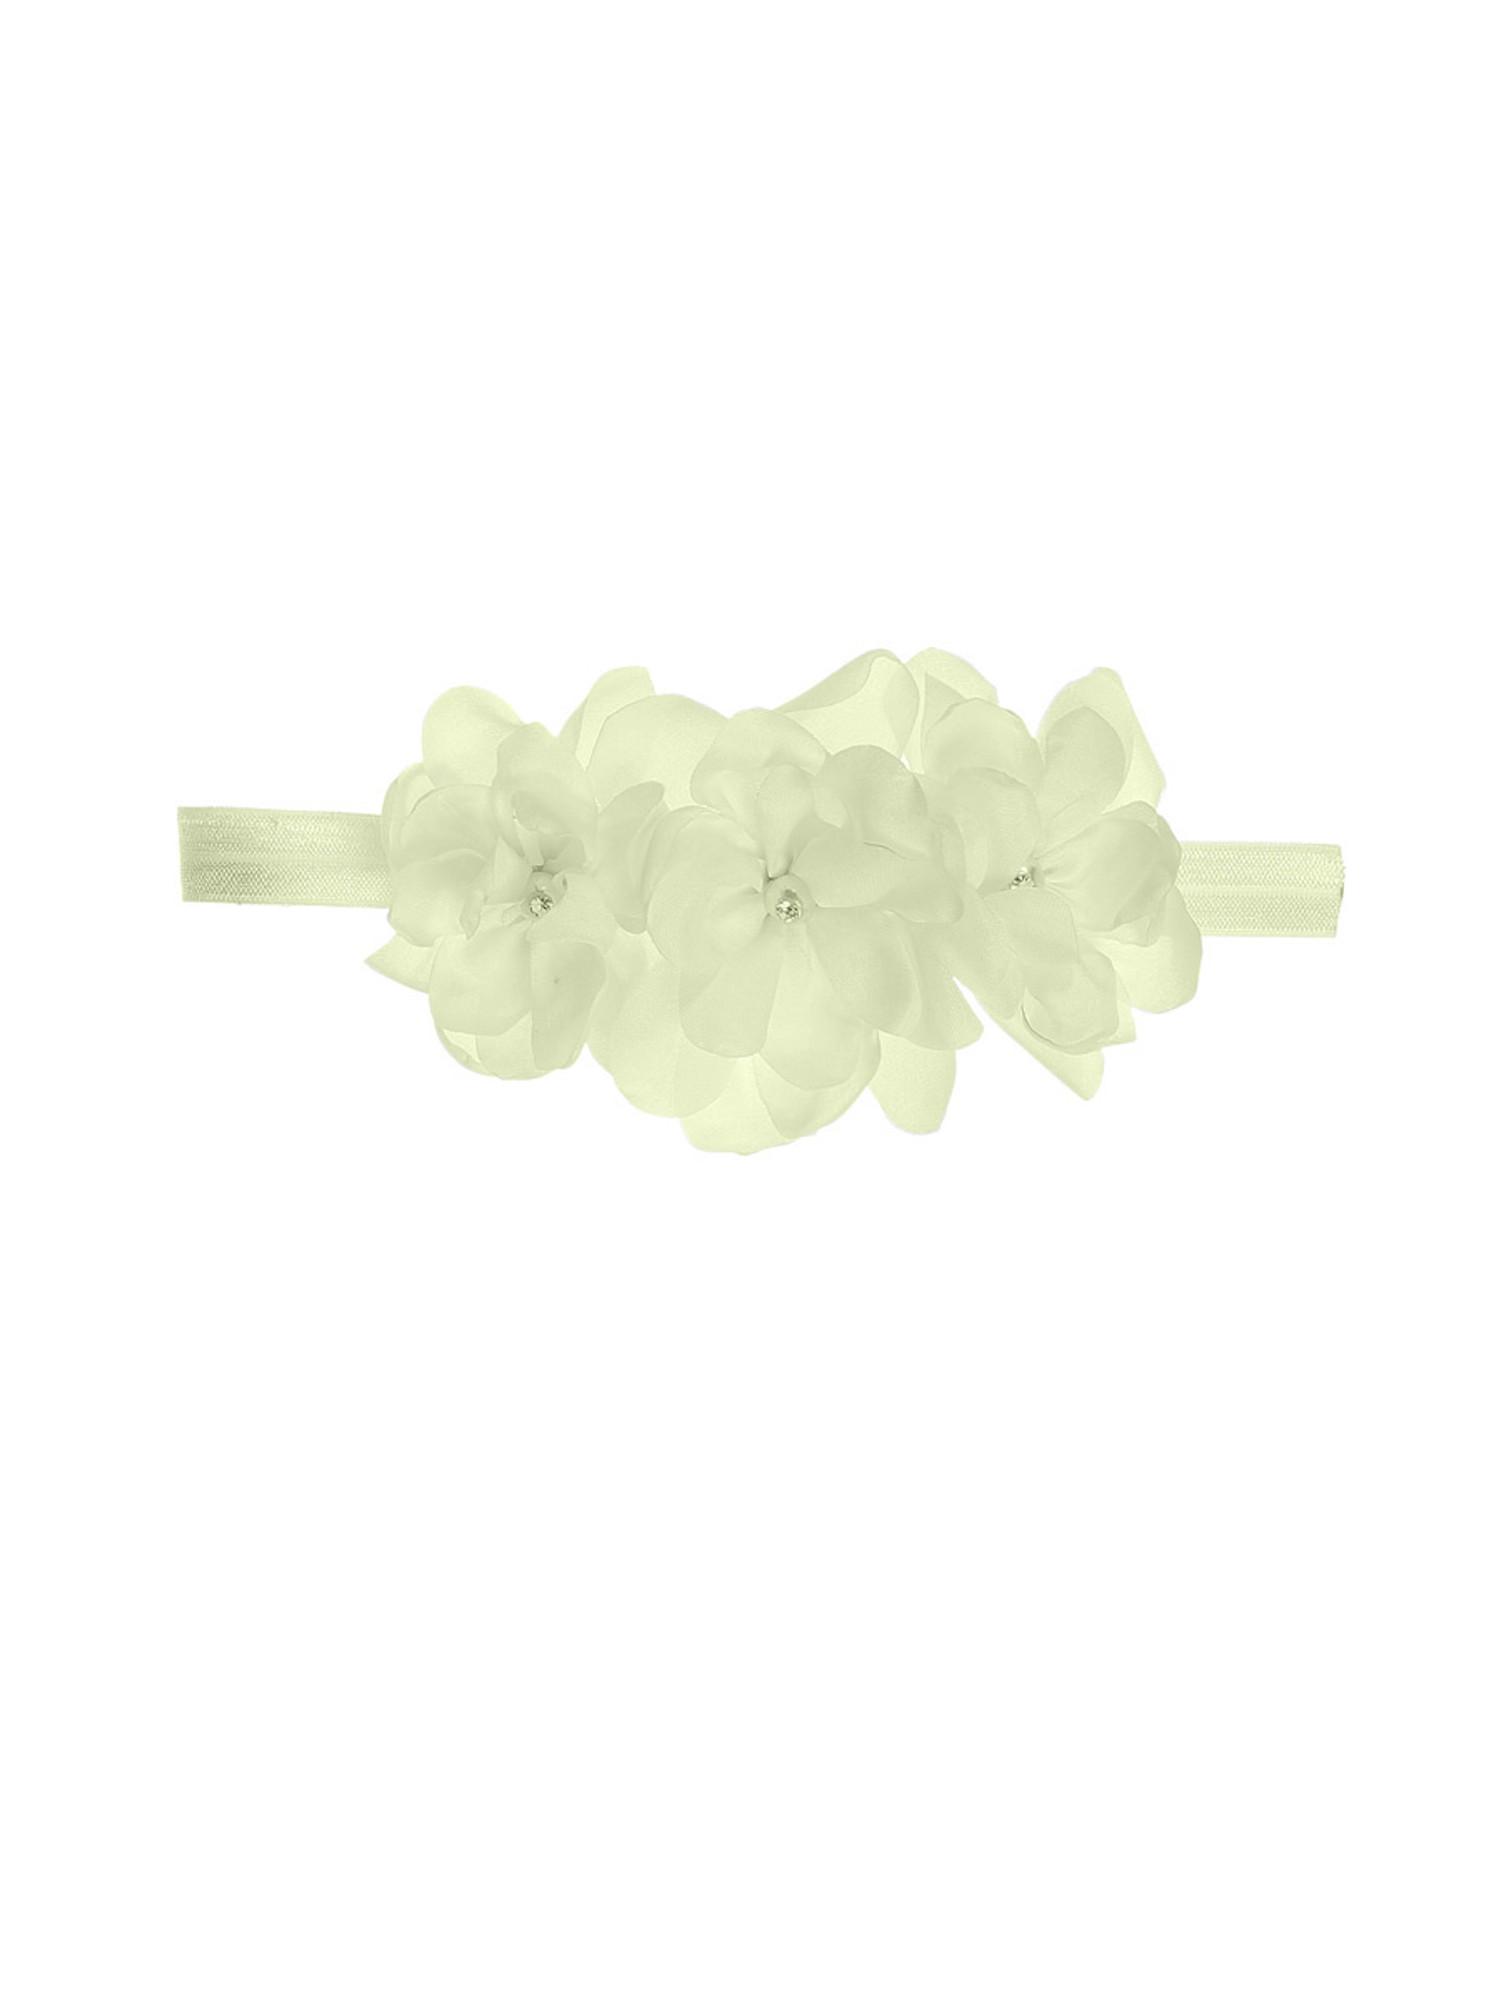 BIMARO Edles Haarband für Baby und Kleinkind creme beige mit Gummiband Blüten Glitzerperlen Taufe Hochzeit